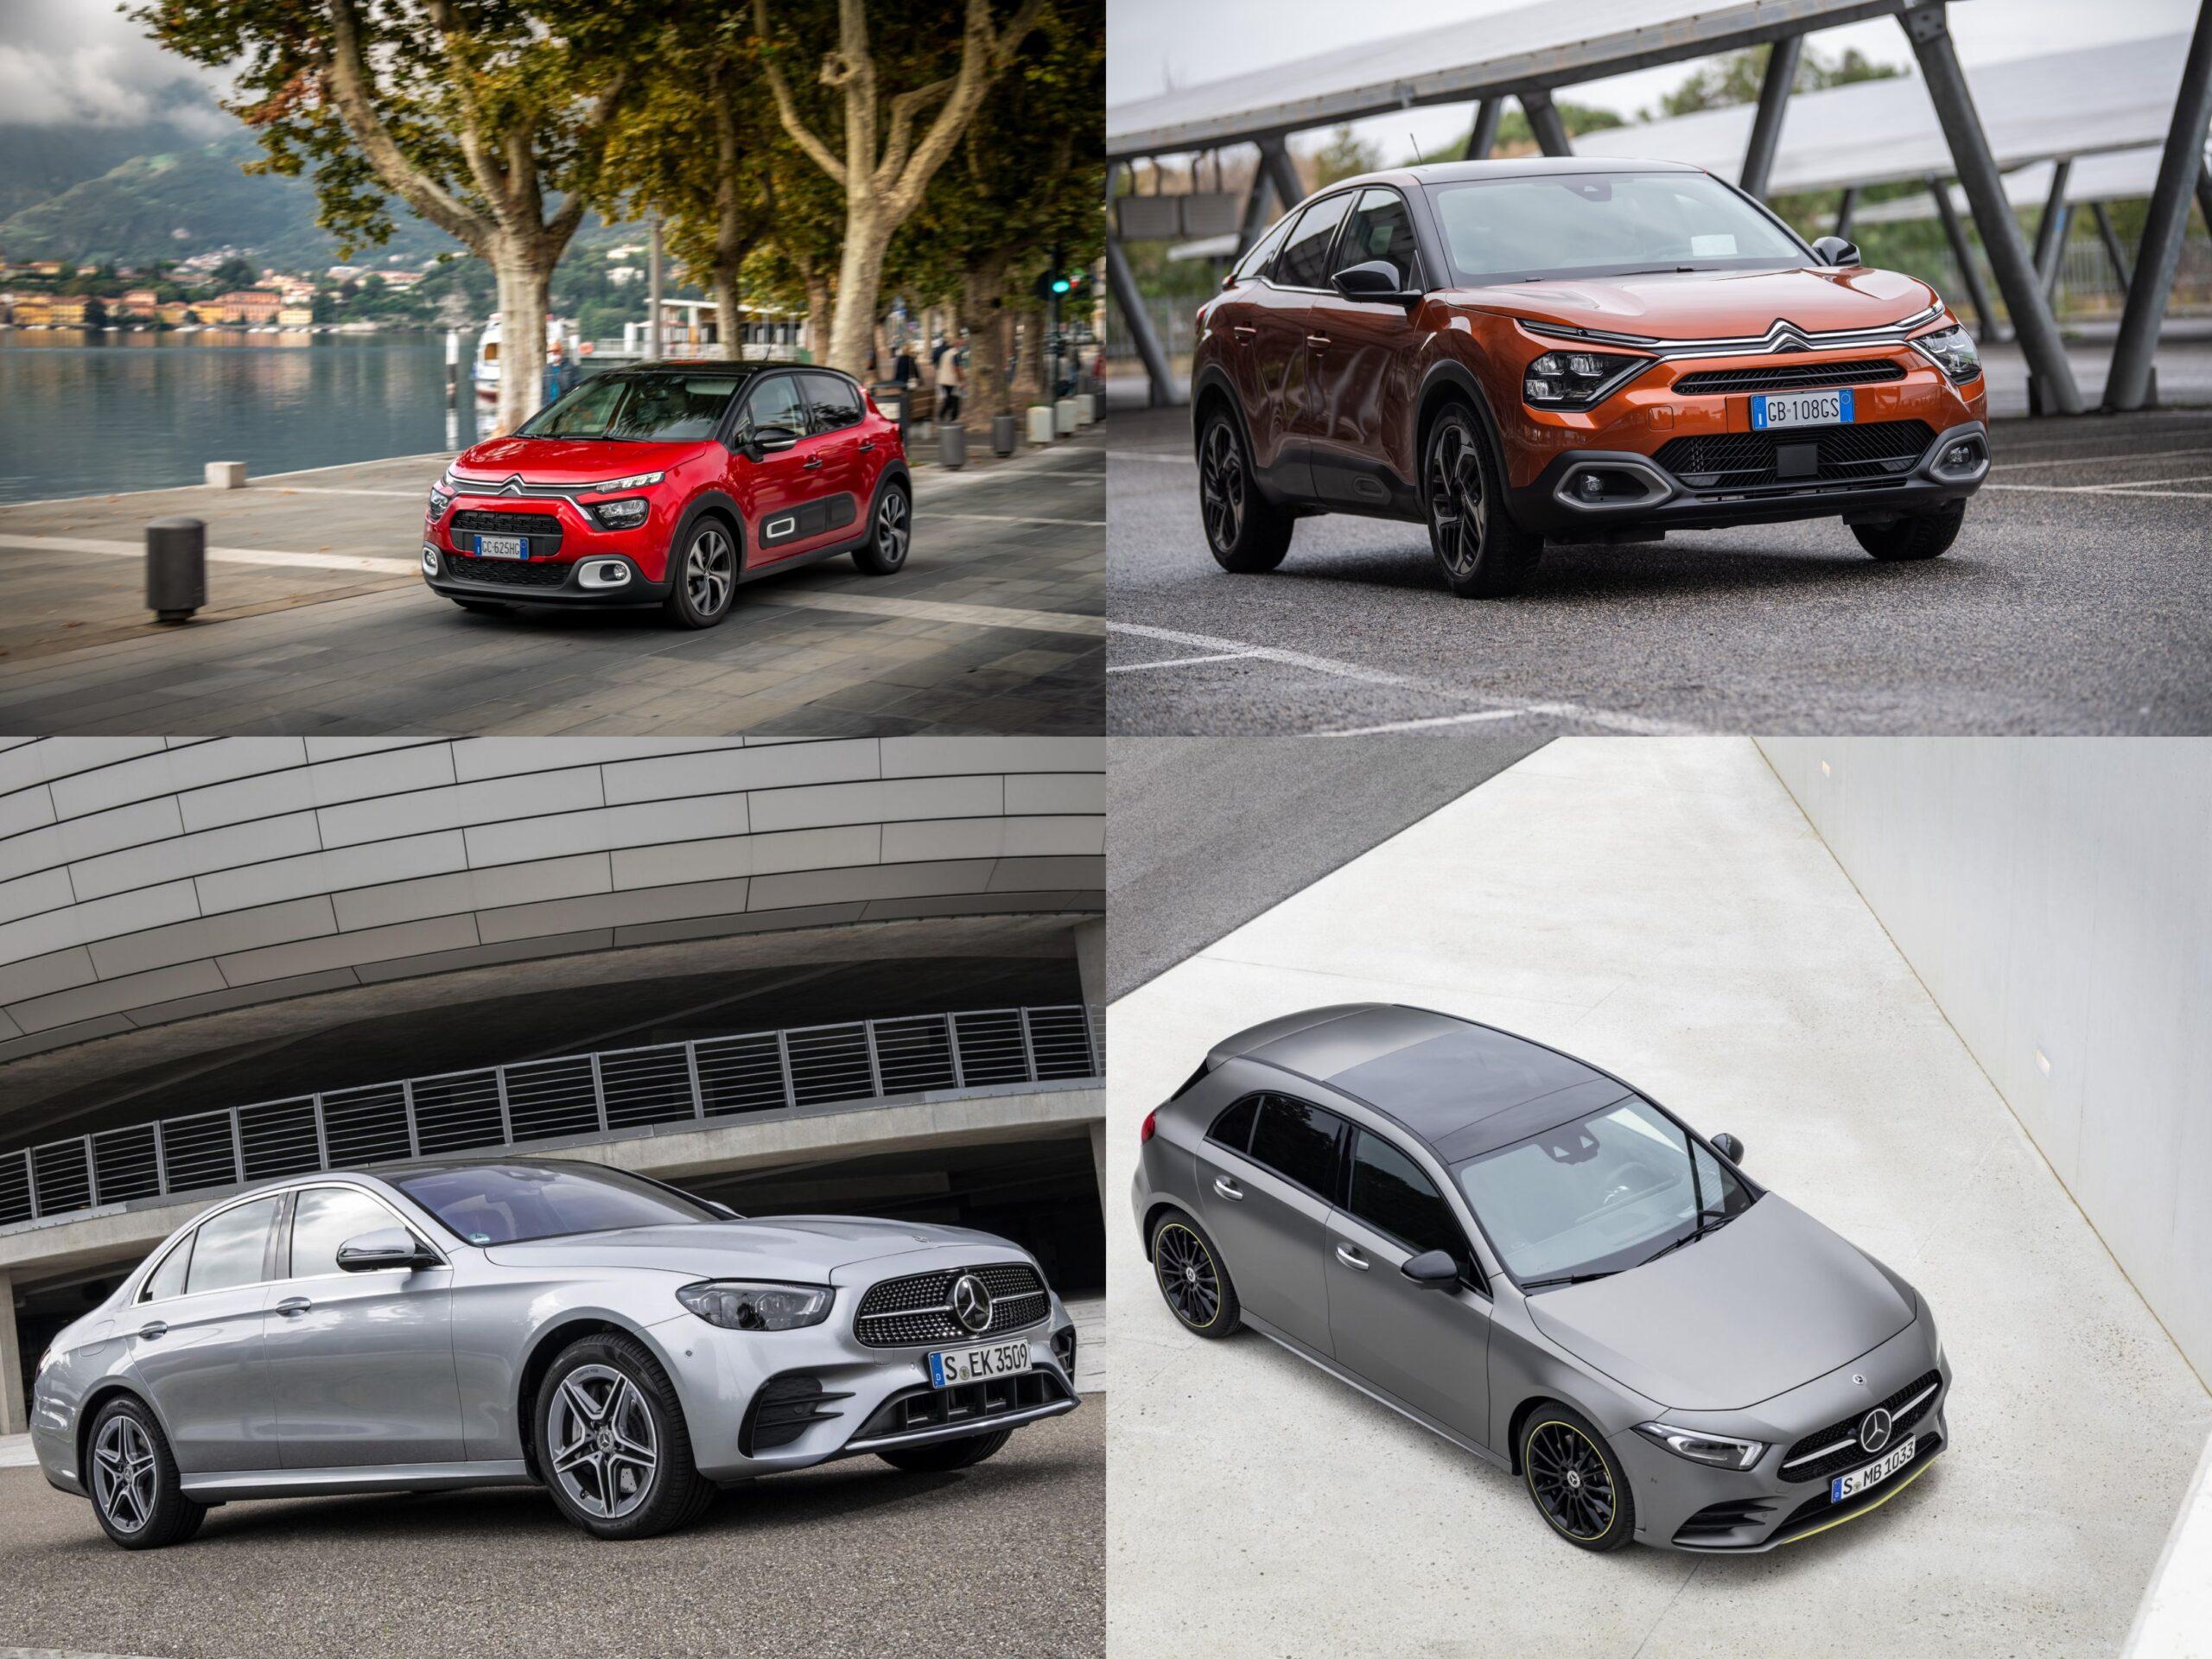 Auto Diesel che consumano meno. Classifica 2021.